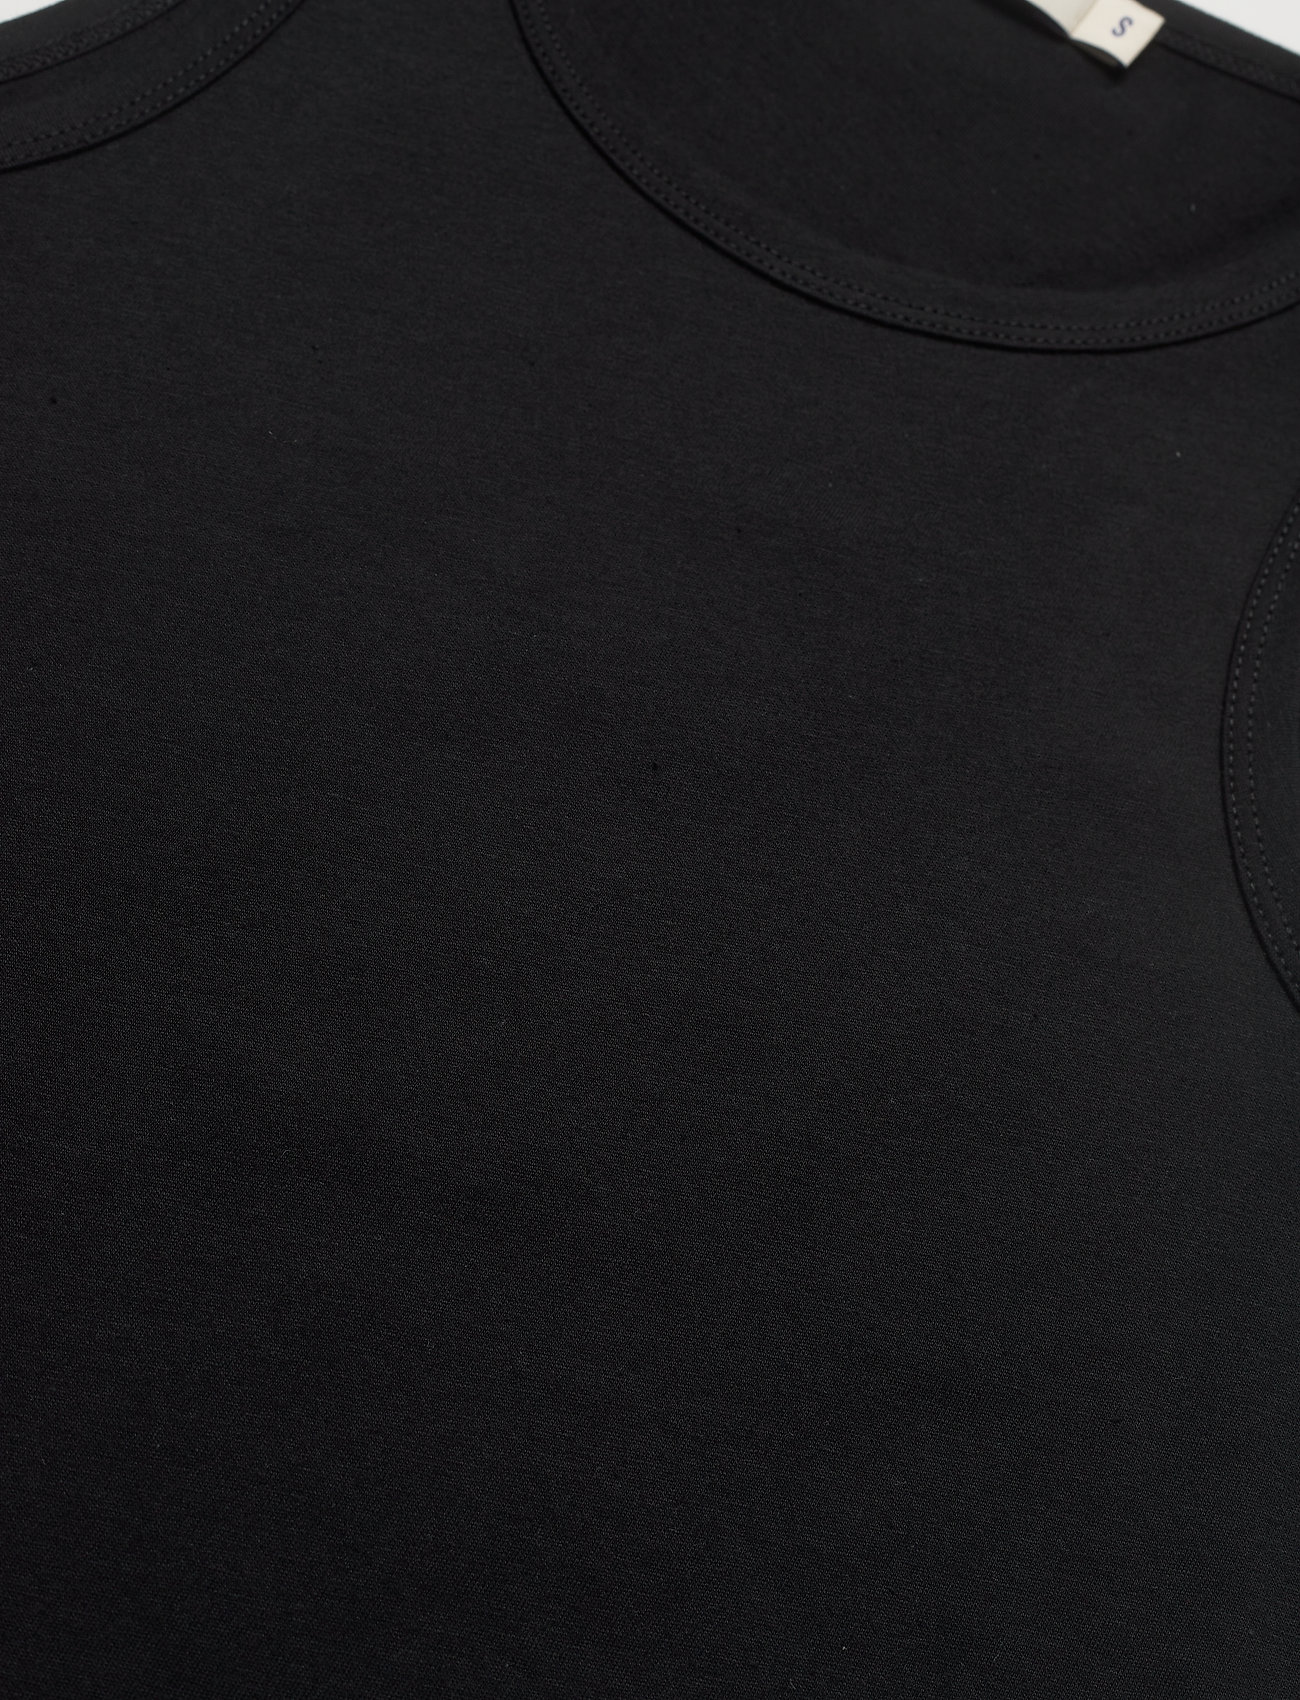 Tiger of Sweden Jeans ARITT - T-shirts & topper BLACK - Dameklær Spesialtilbud